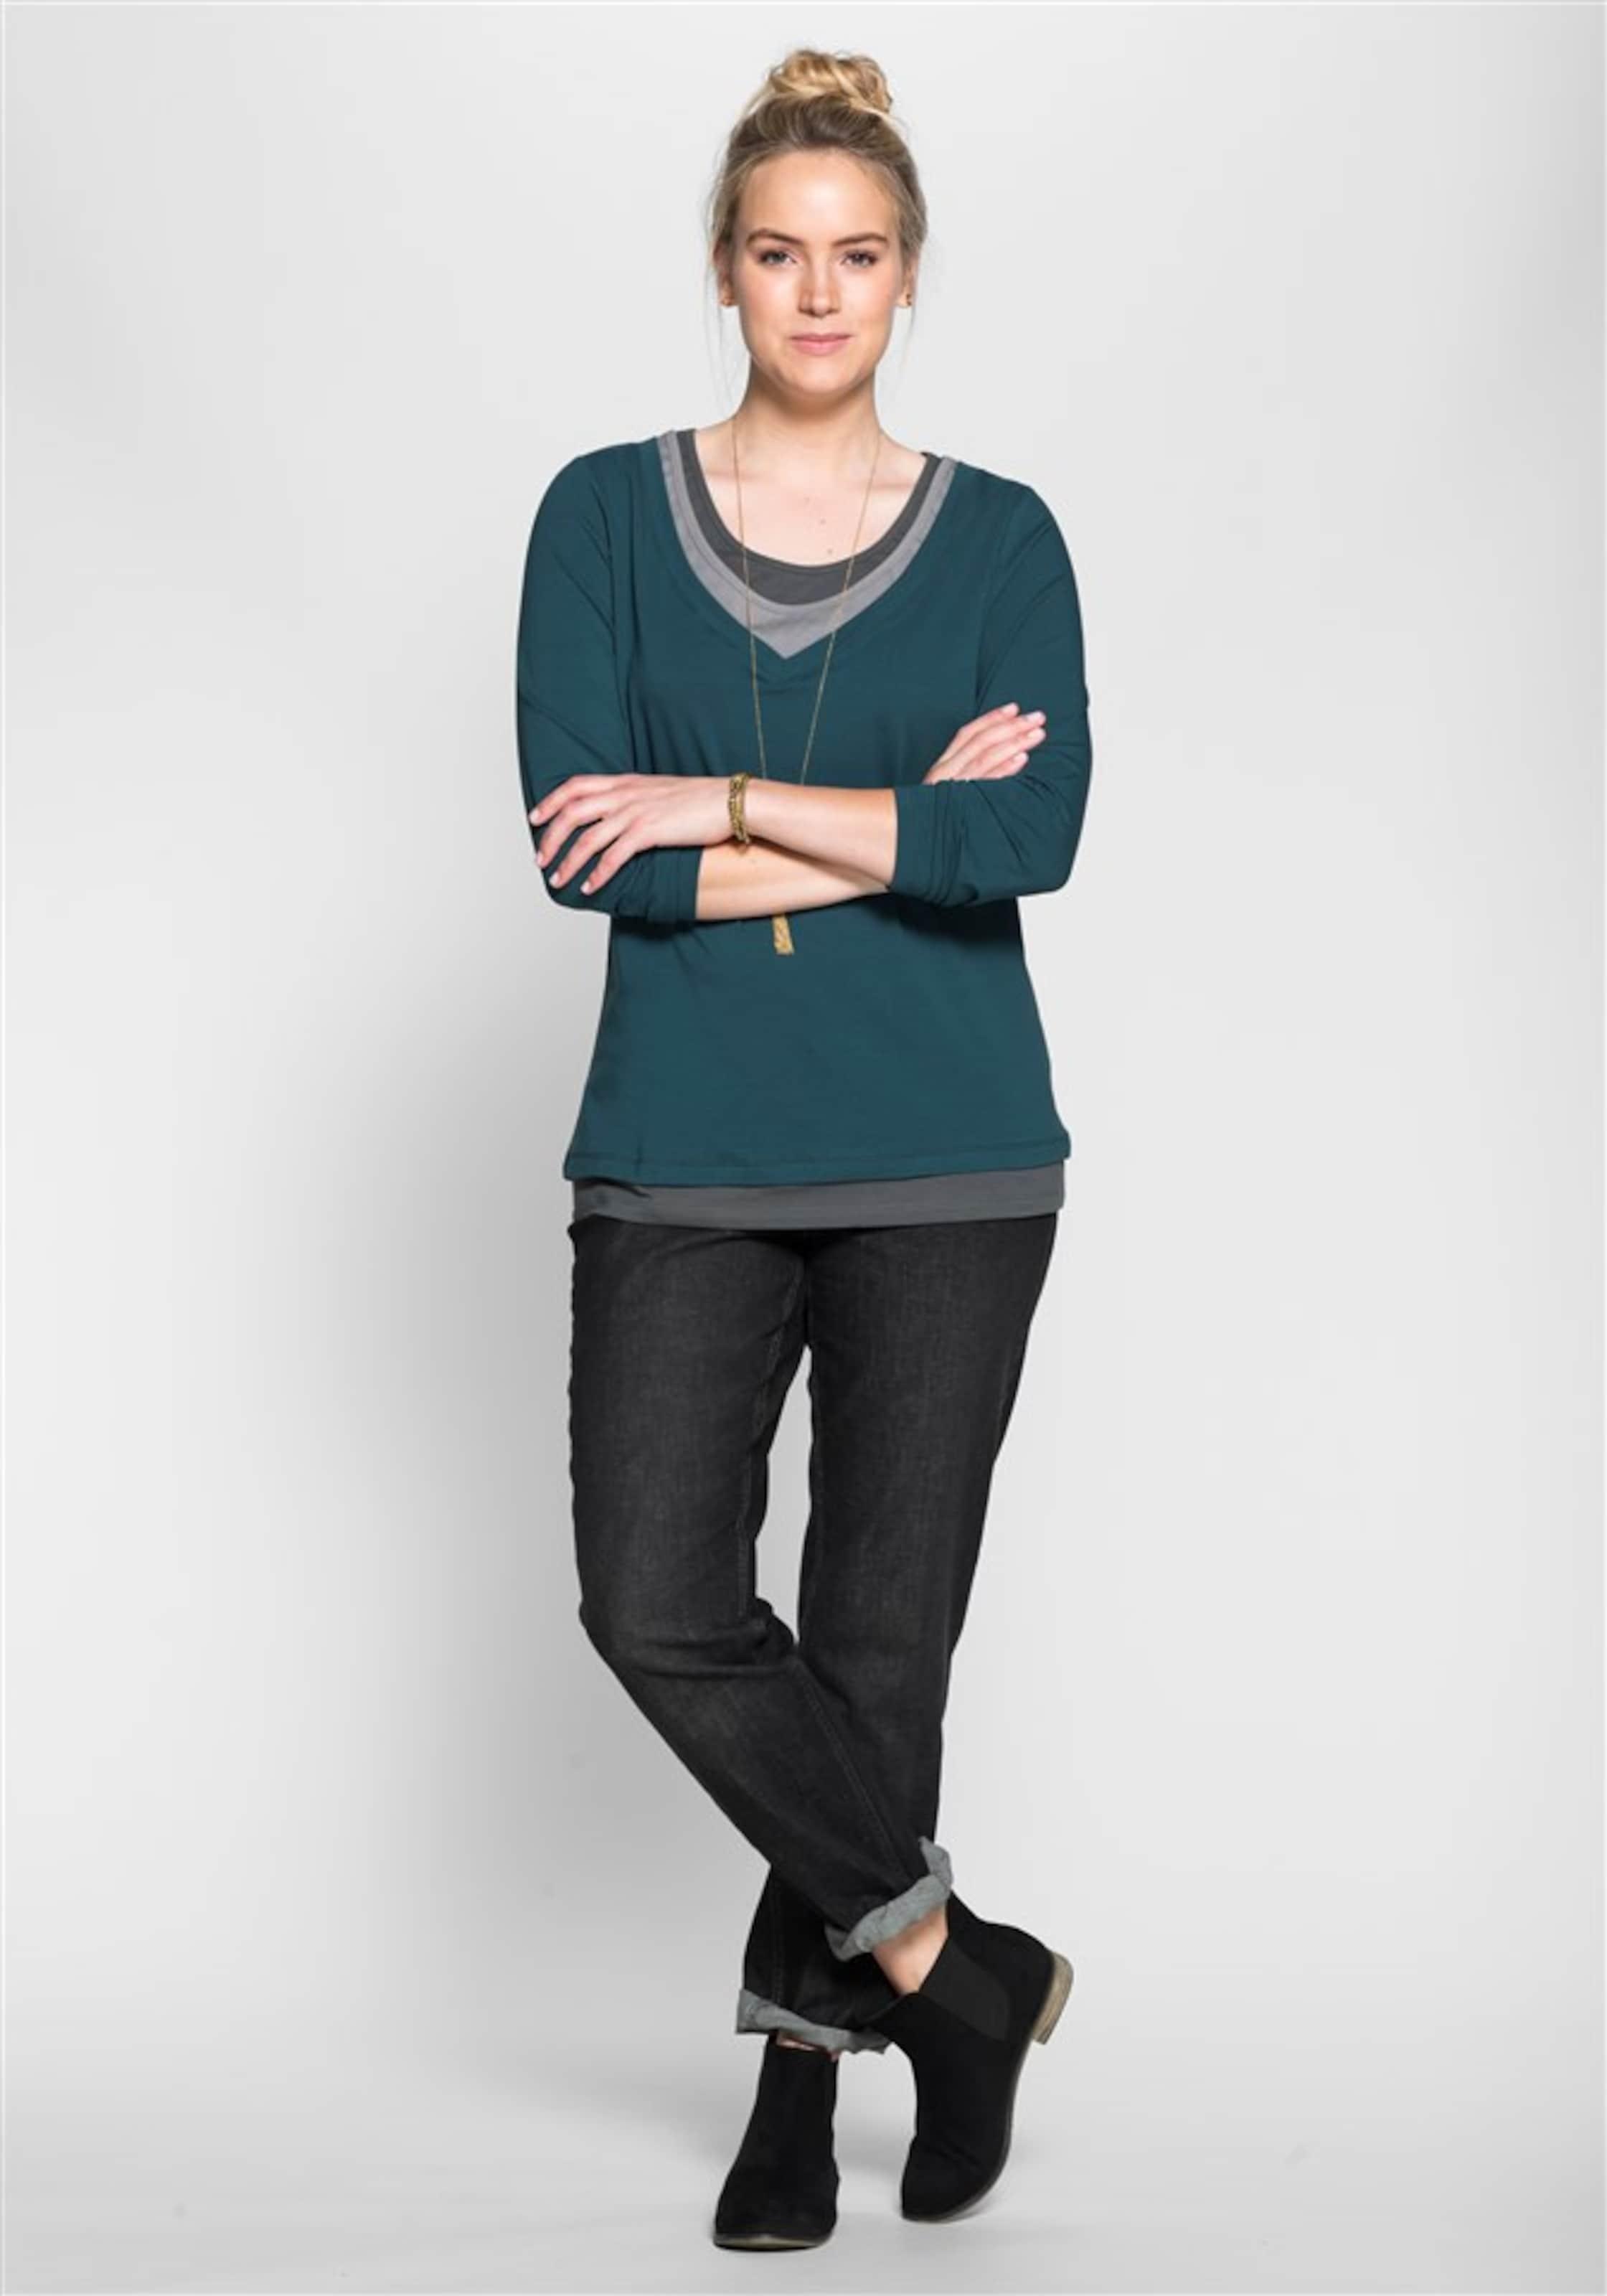 Casual Sheego Shirt In Dunkelgrau PastellblauGrau fv7yb6Yg